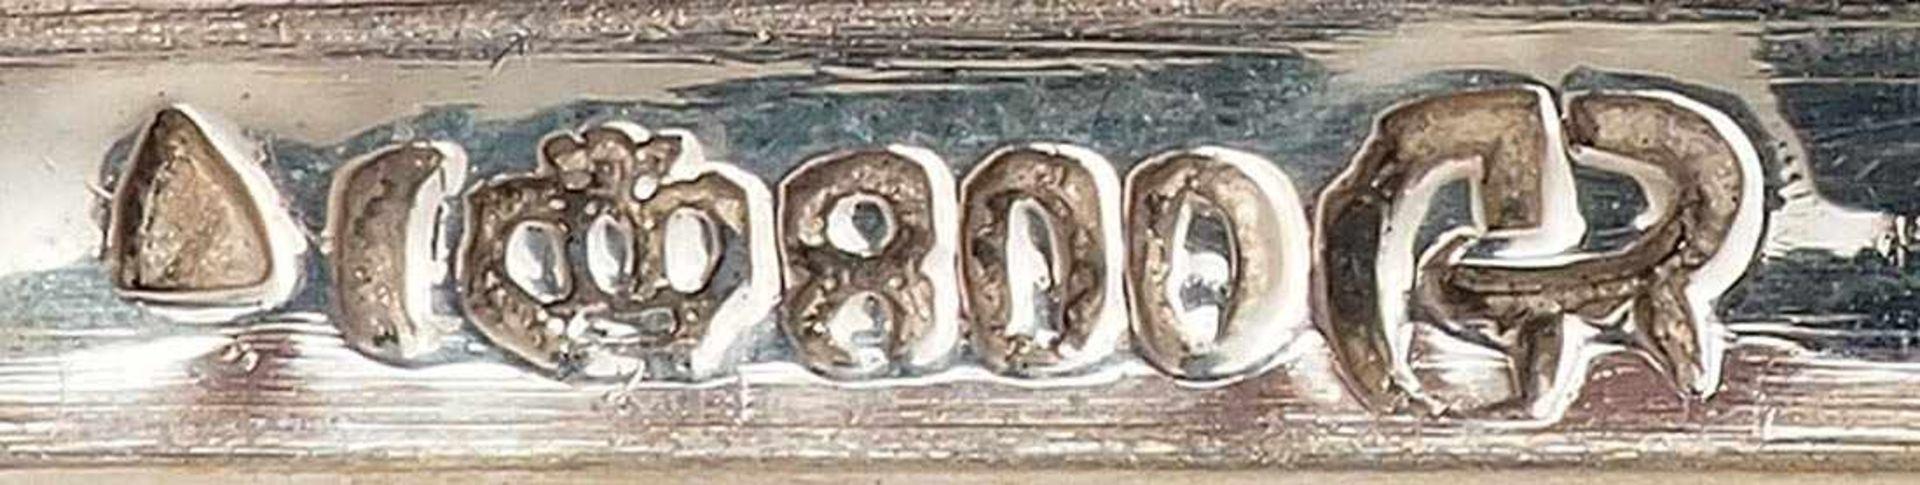 Tafelbesteck für sechs PersonenGebr. Reiner, Krumbach. Griffe in bewegter Form. Je sechs - Bild 3 aus 3